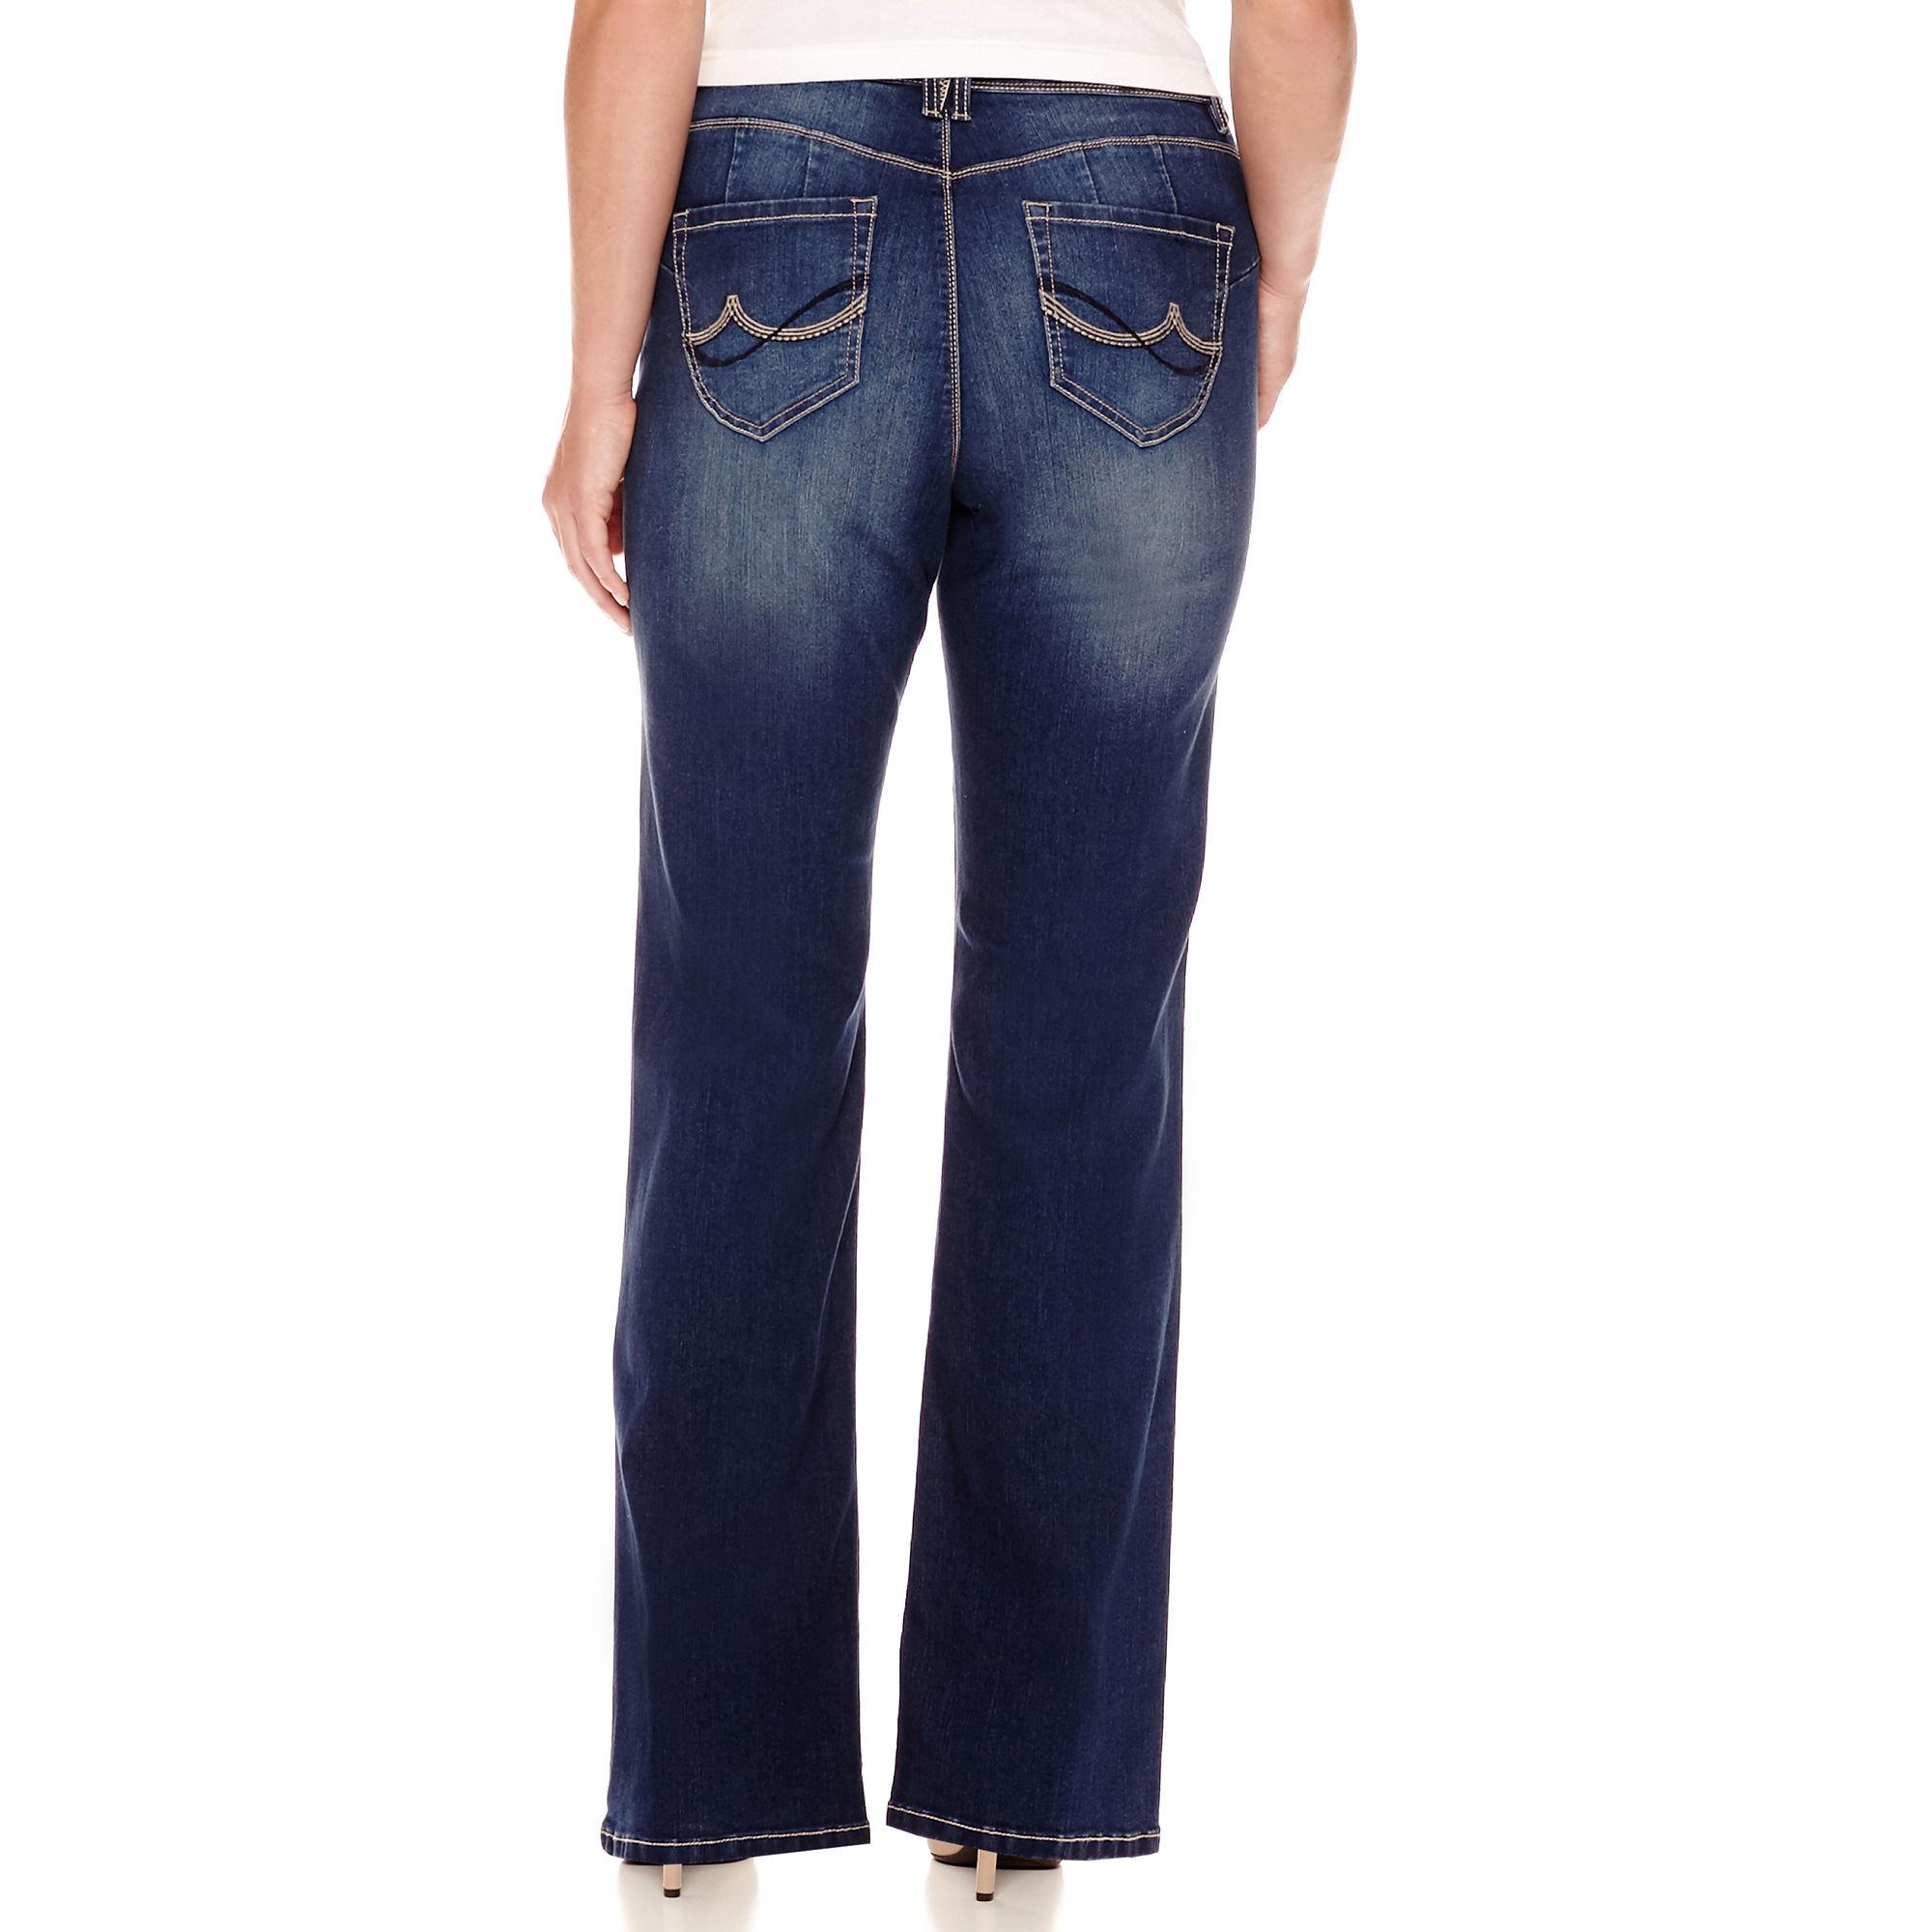 ZCO Lift Bootcut Jeans - Plus